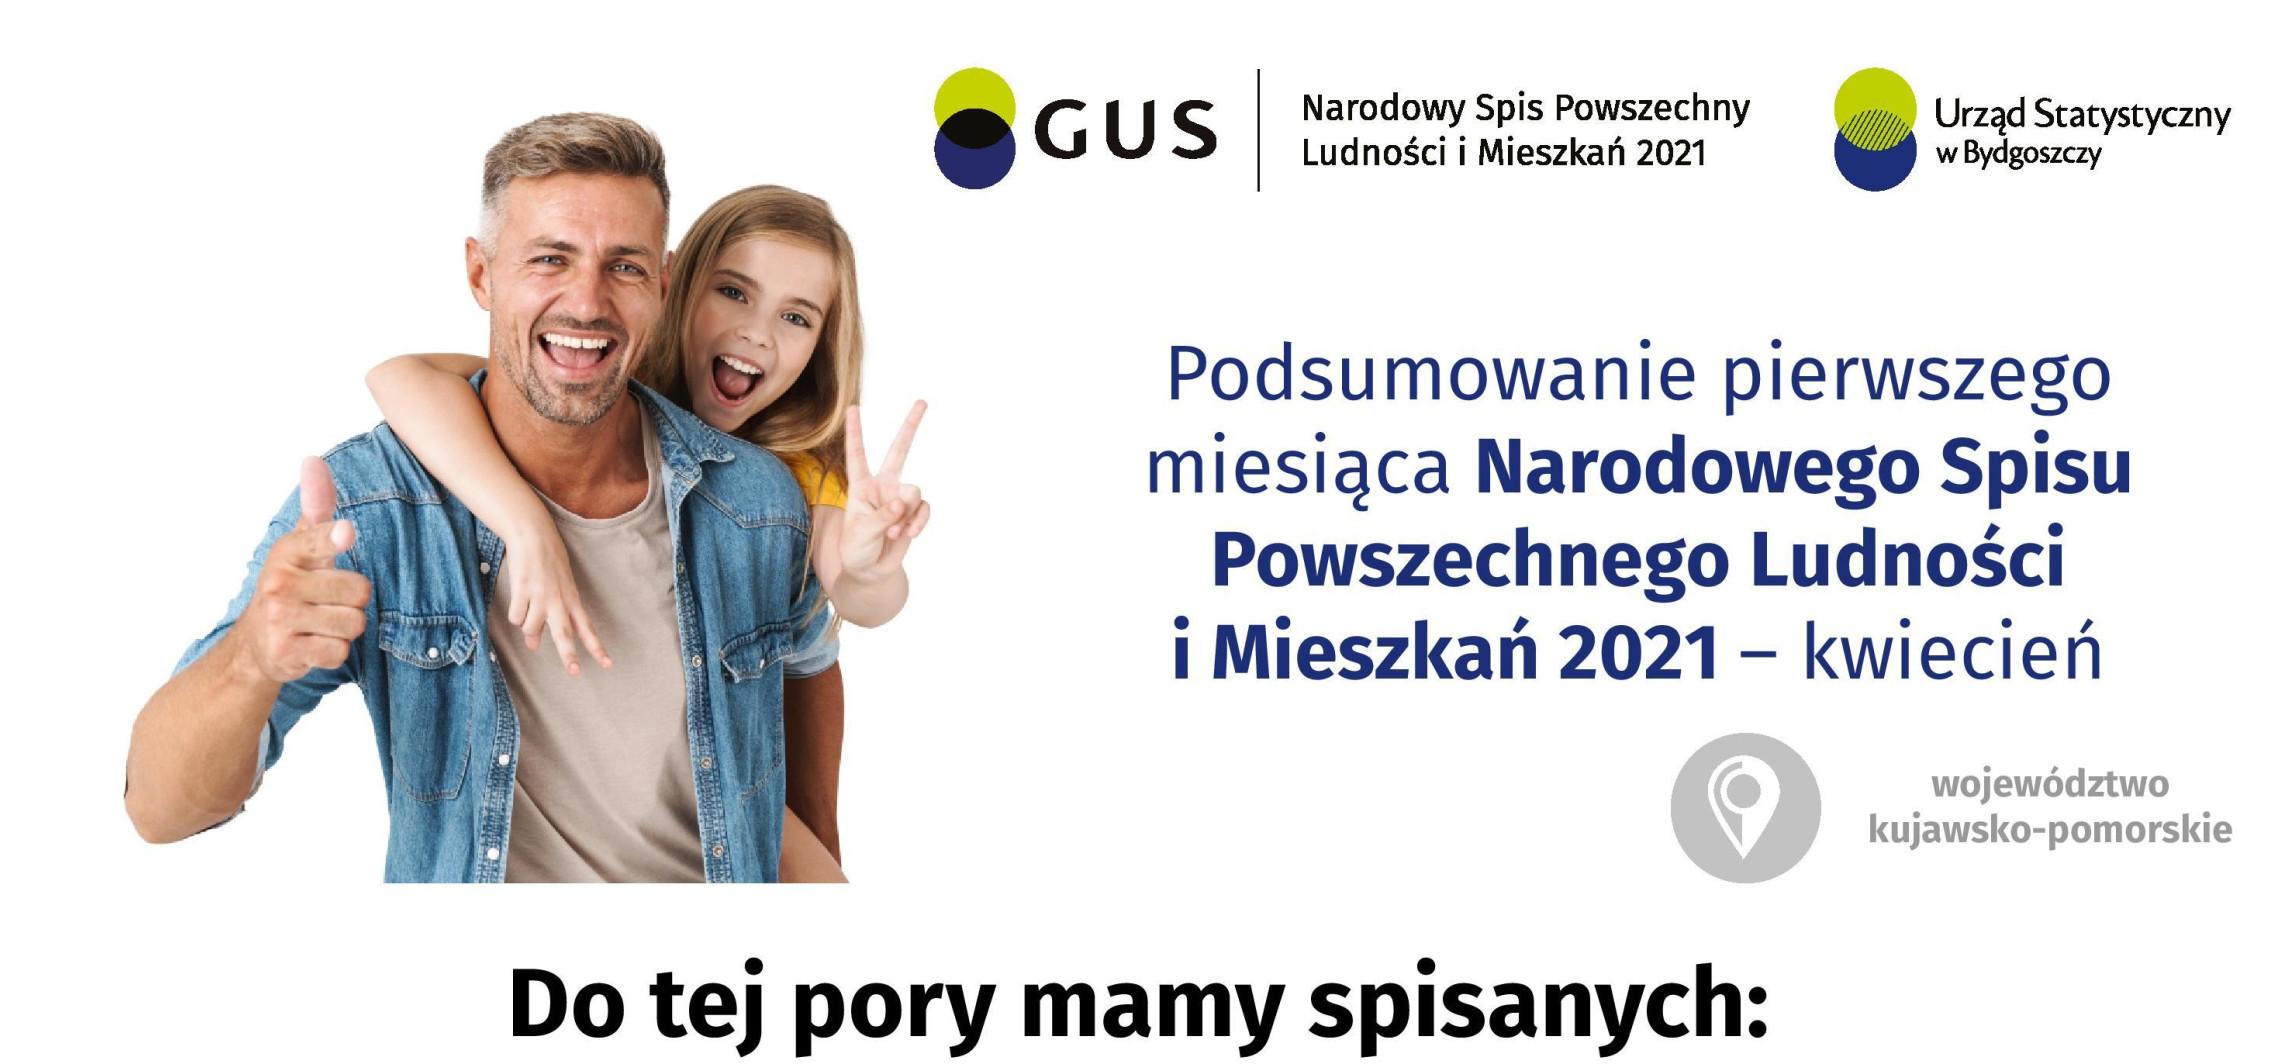 Inowrocław - Trwa spis powszechny. Ilu z nas się już spisało?